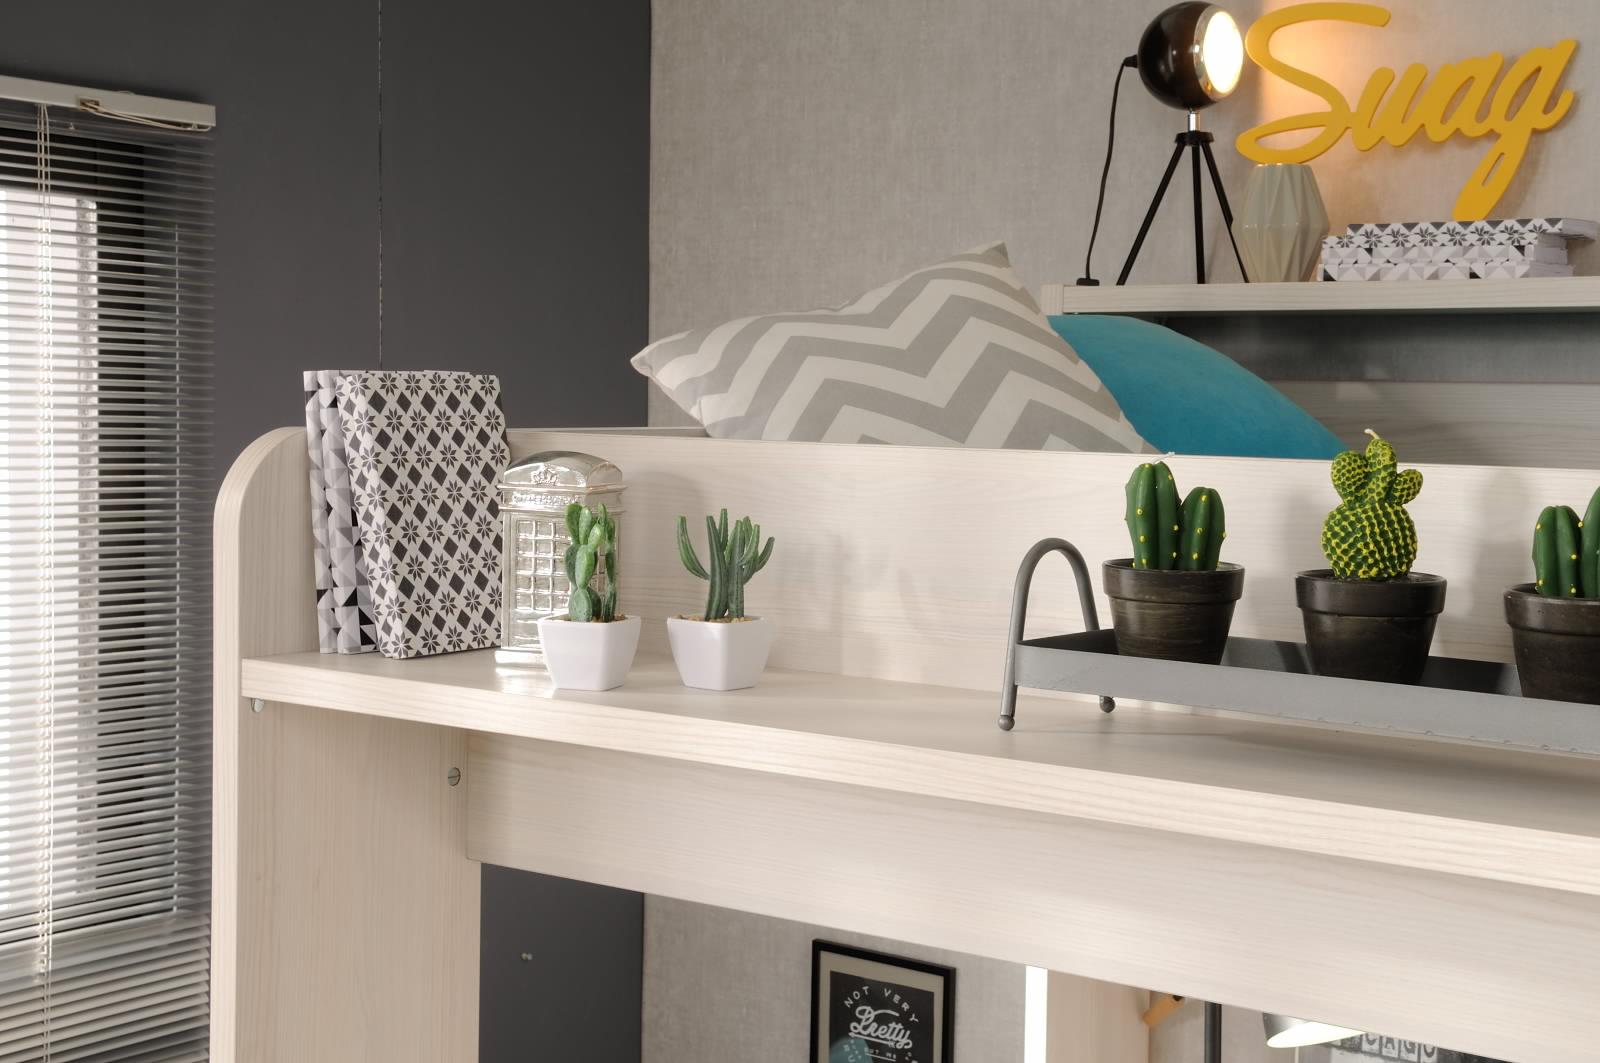 90x200 hochbett inkl integrierter schreibtisch u schrank. Black Bedroom Furniture Sets. Home Design Ideas